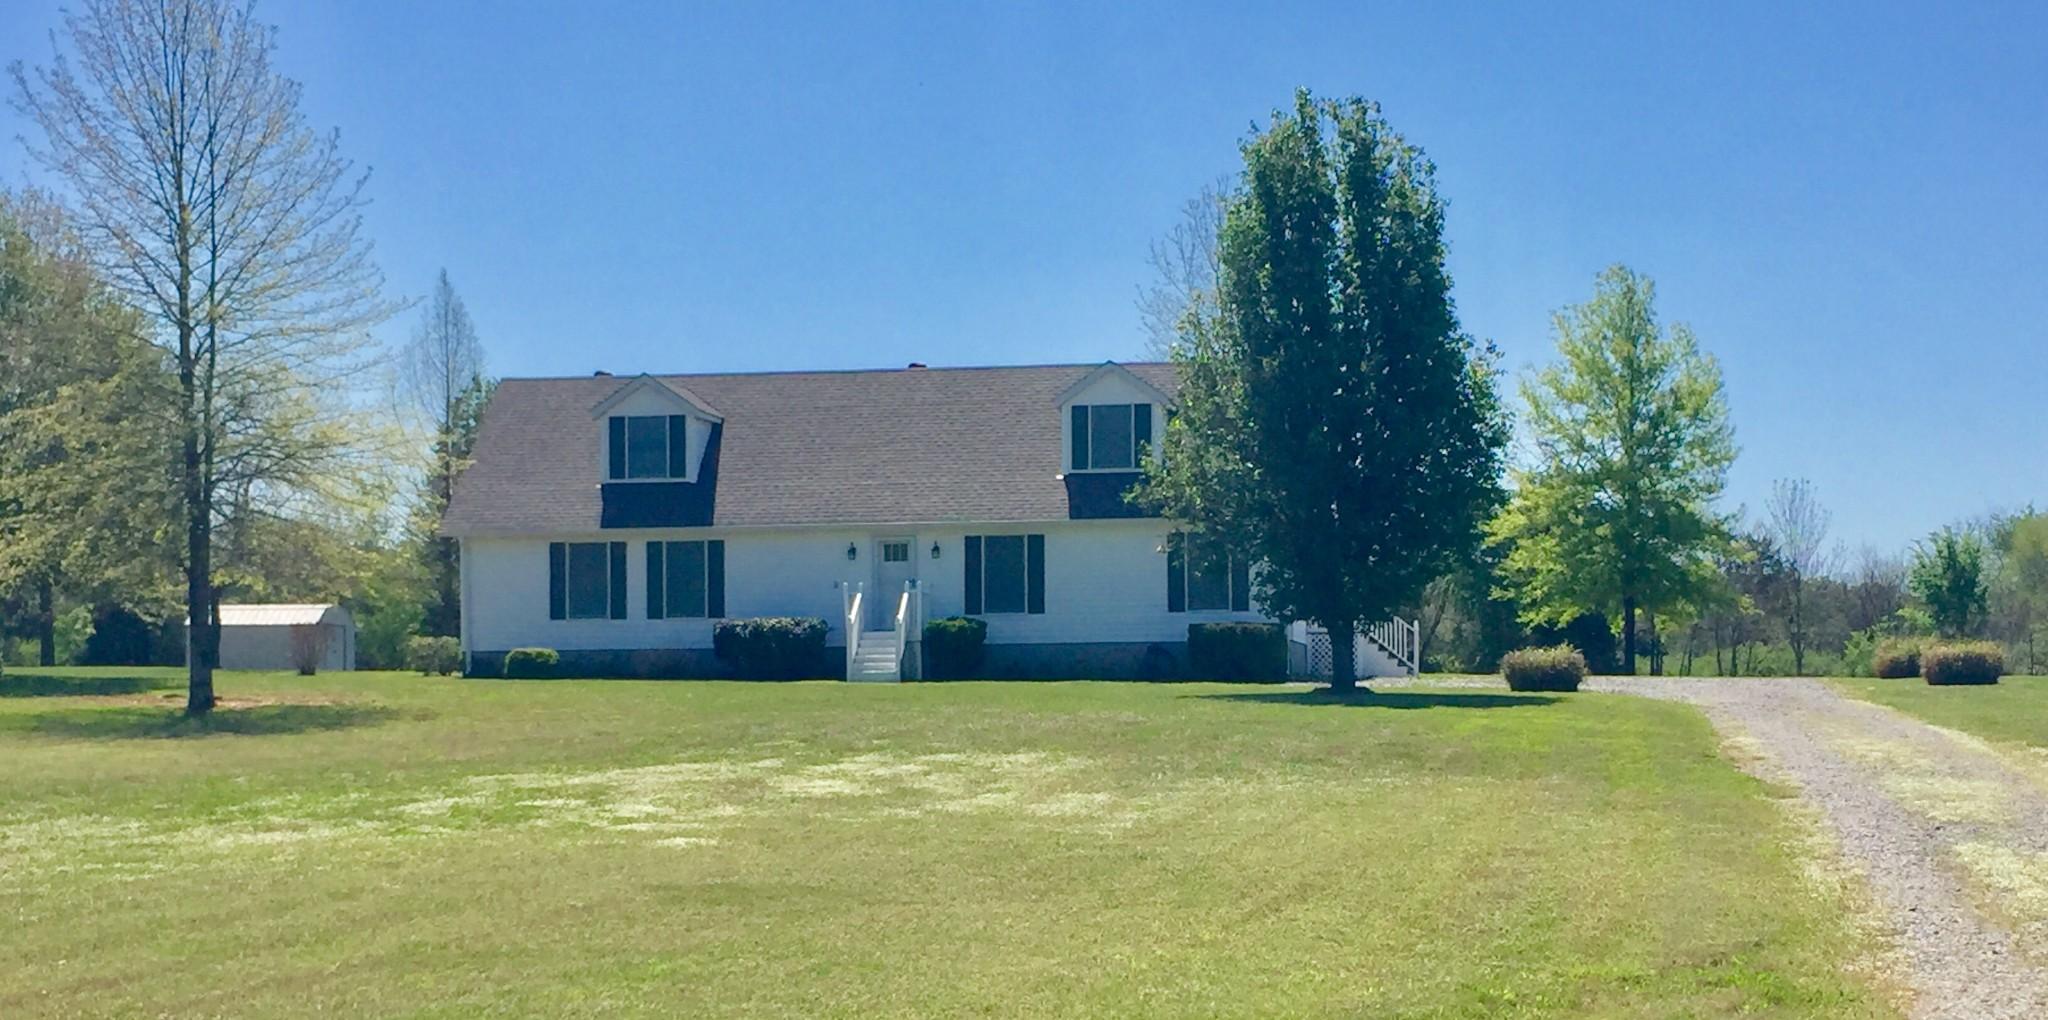 3380 W Trimble Rd, Milton, TN 37118 - Milton, TN real estate listing